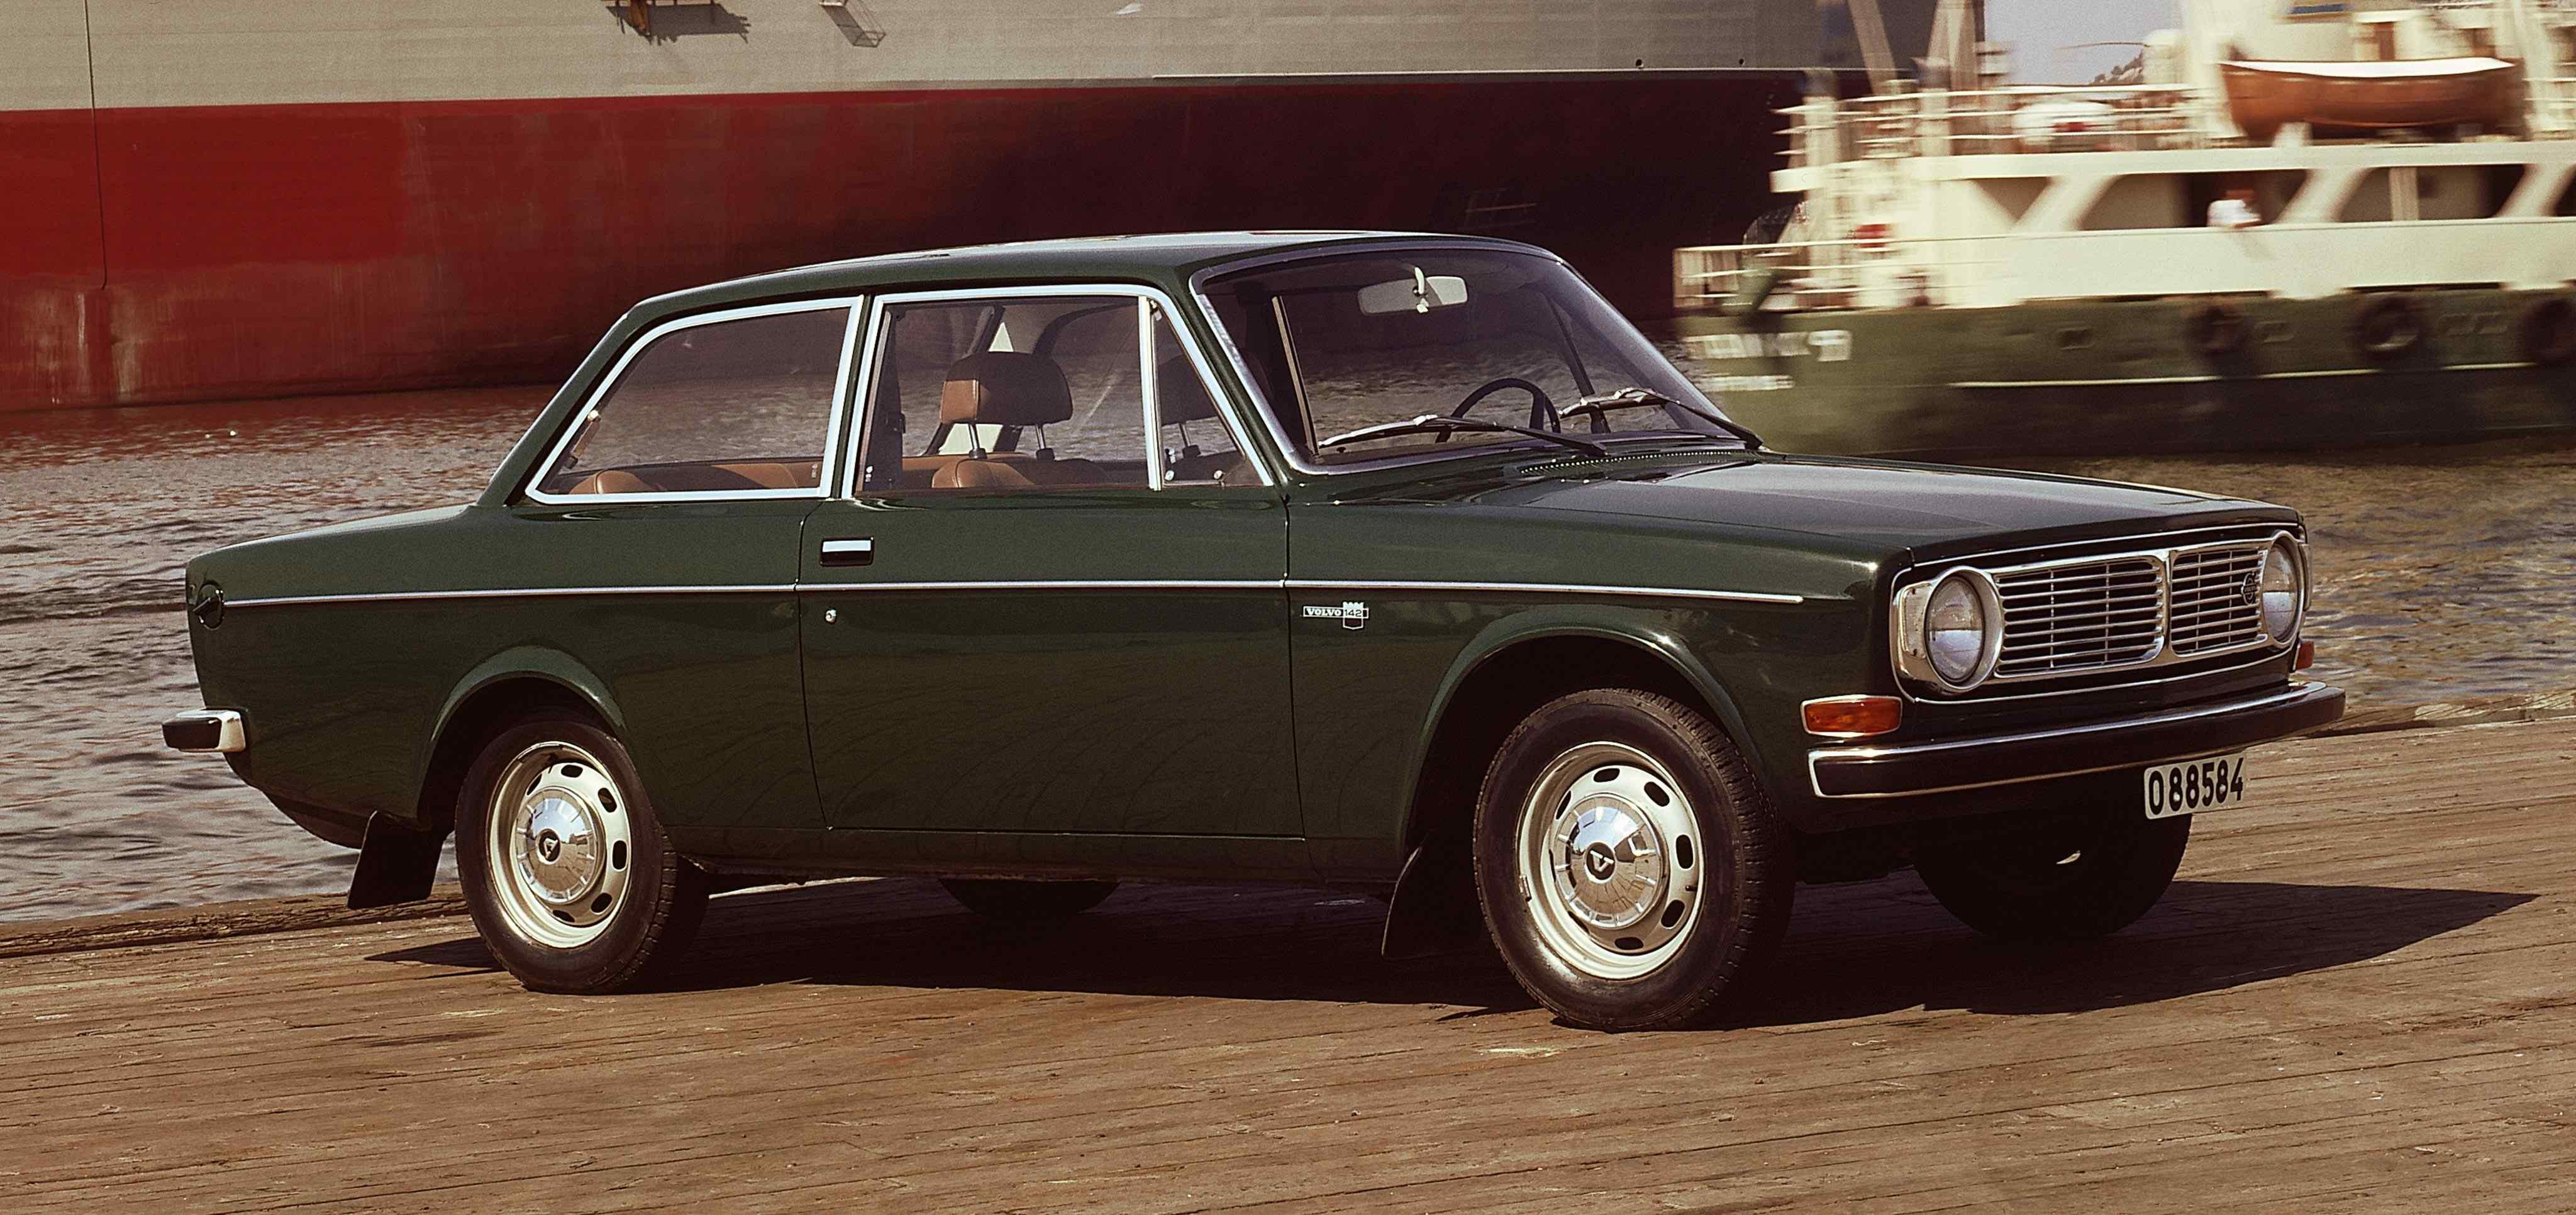 Un Volvo 142 de color verde aparcado en un muelle